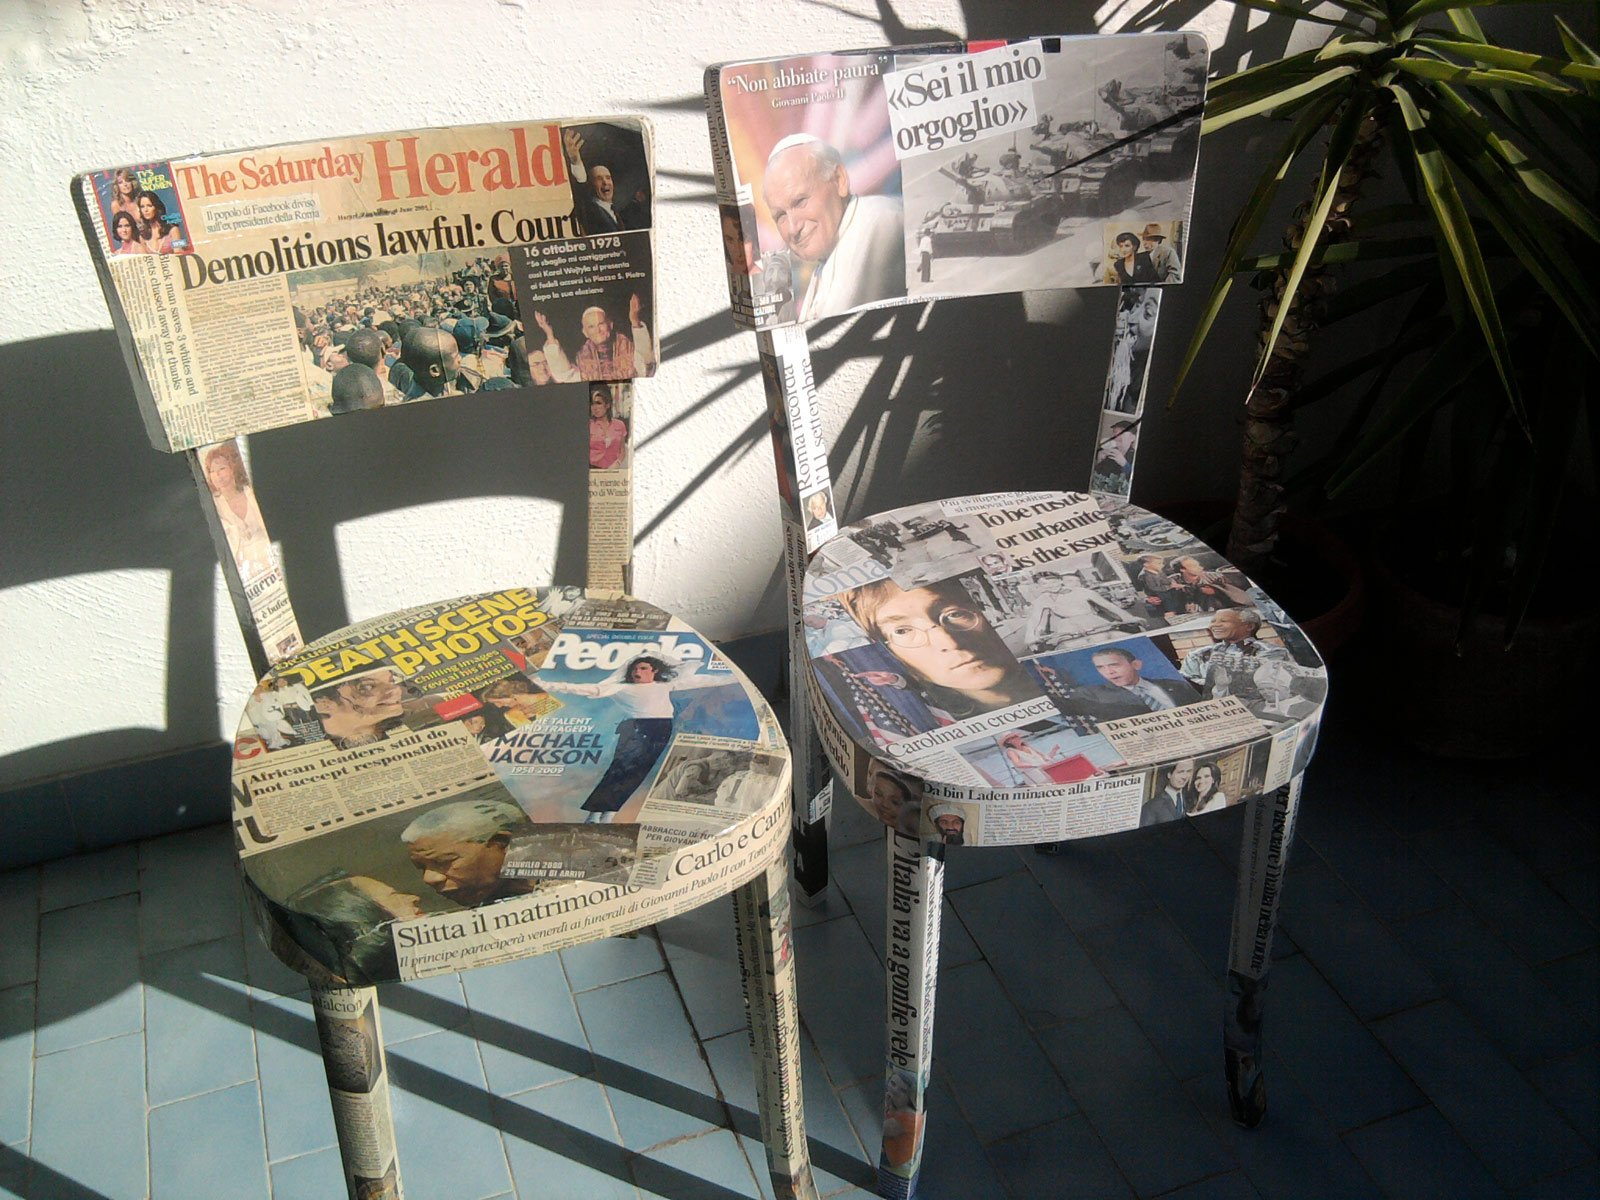 Sedie rivestite di giornali cose di casa for Decorare sedia legno